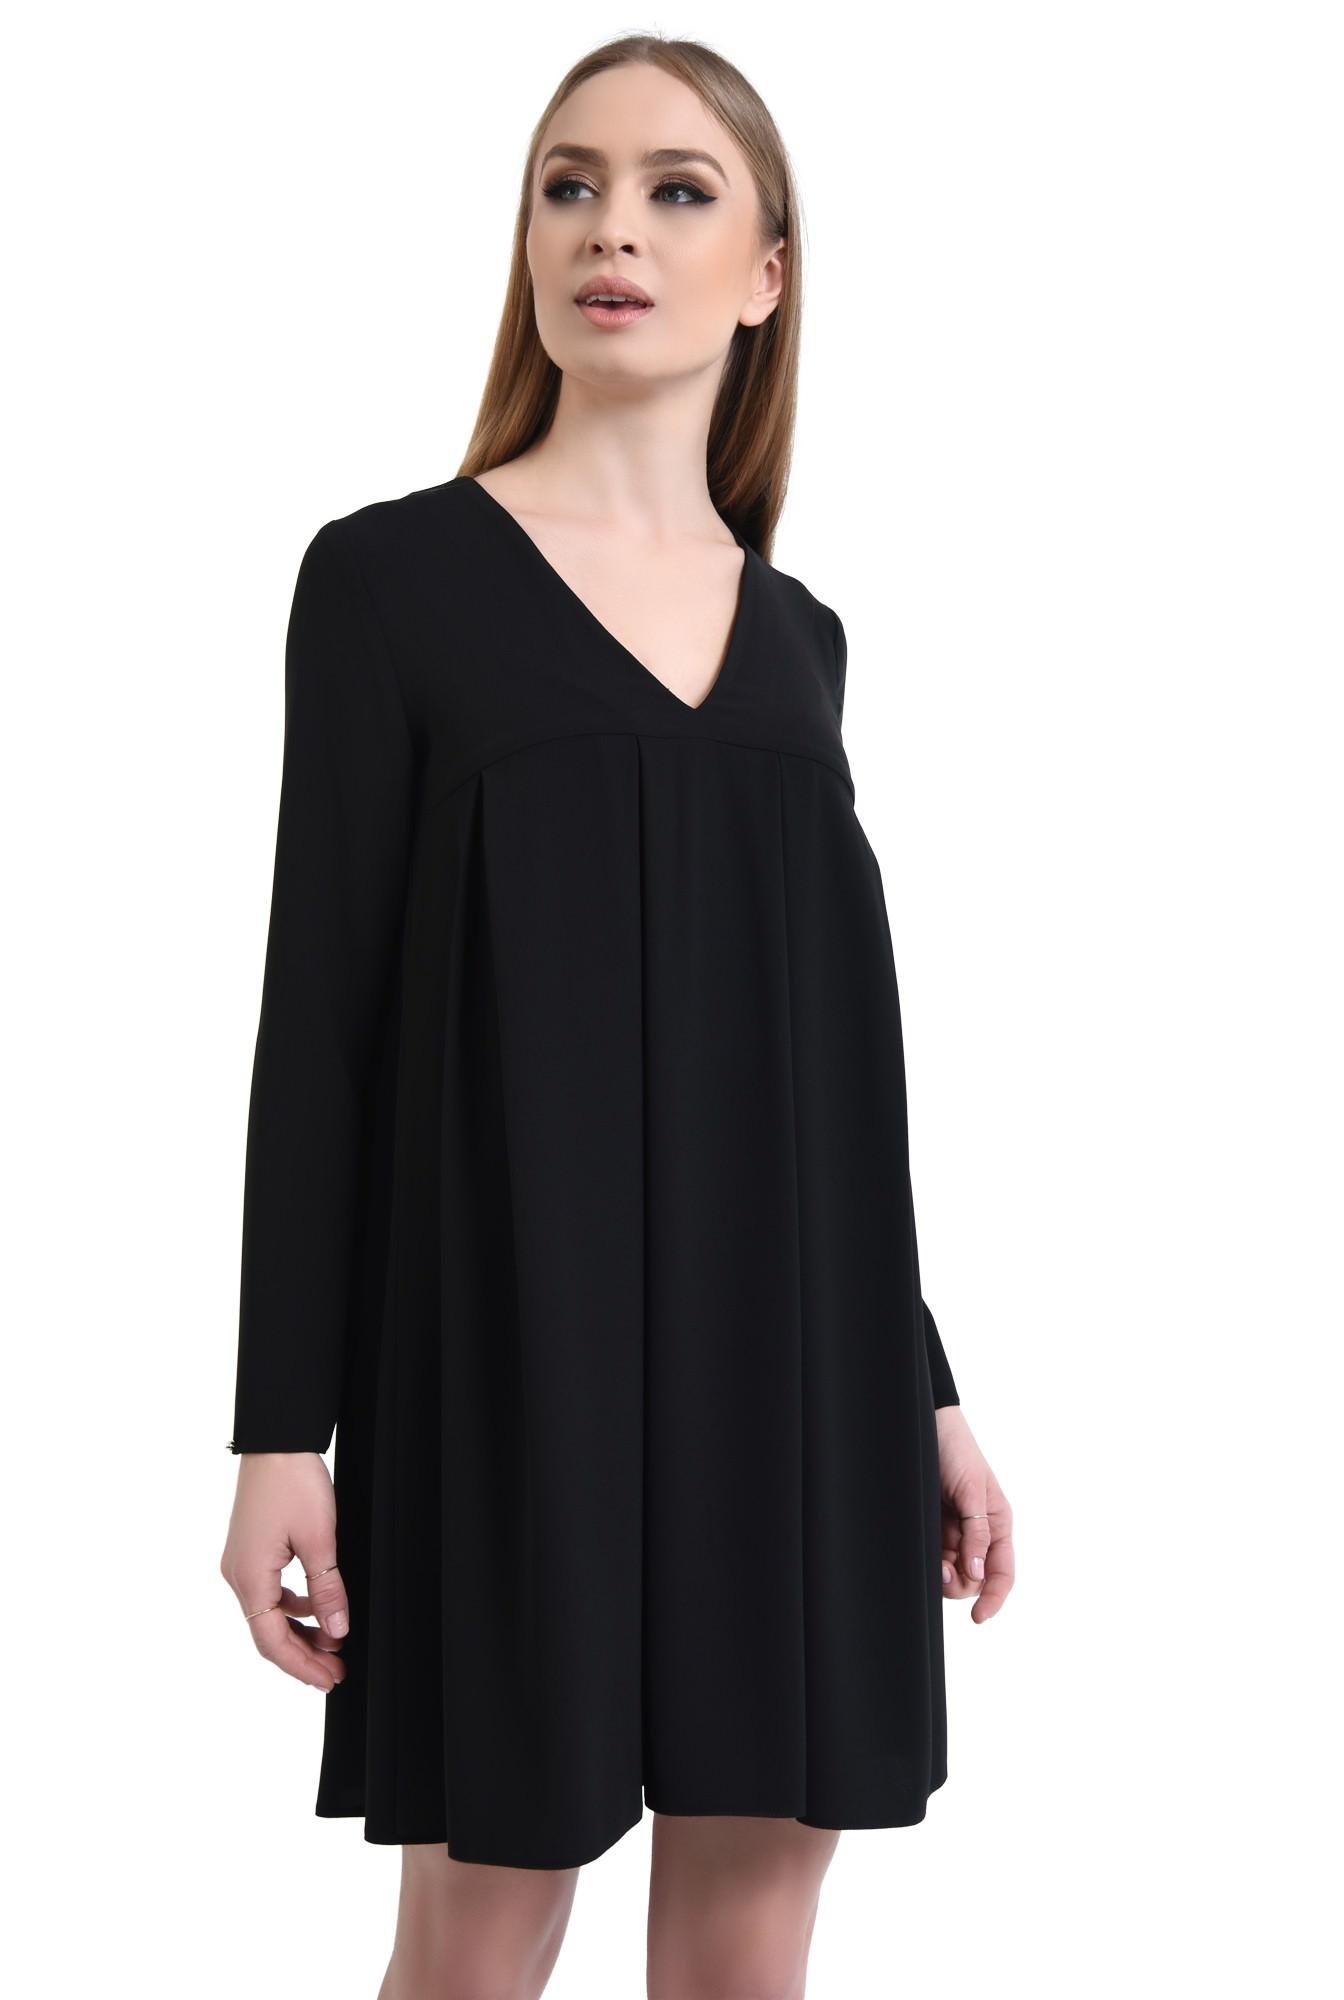 0 - Rochie casual neagra, mini